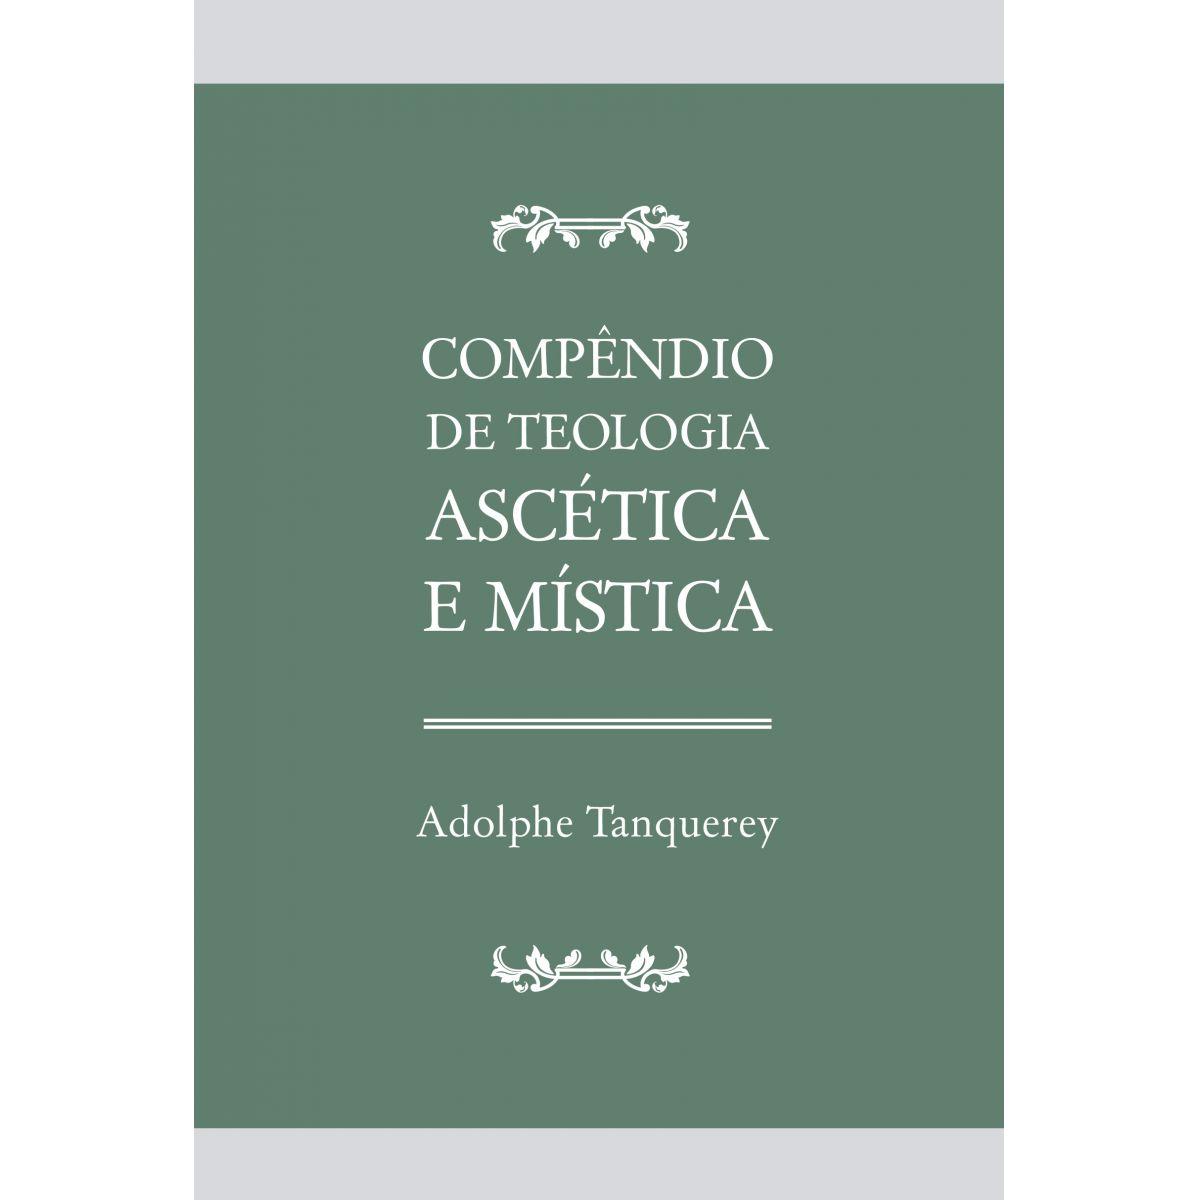 Compêndio de Teologia Ascética e Mistíca  Adolphe Tanquerey Livros